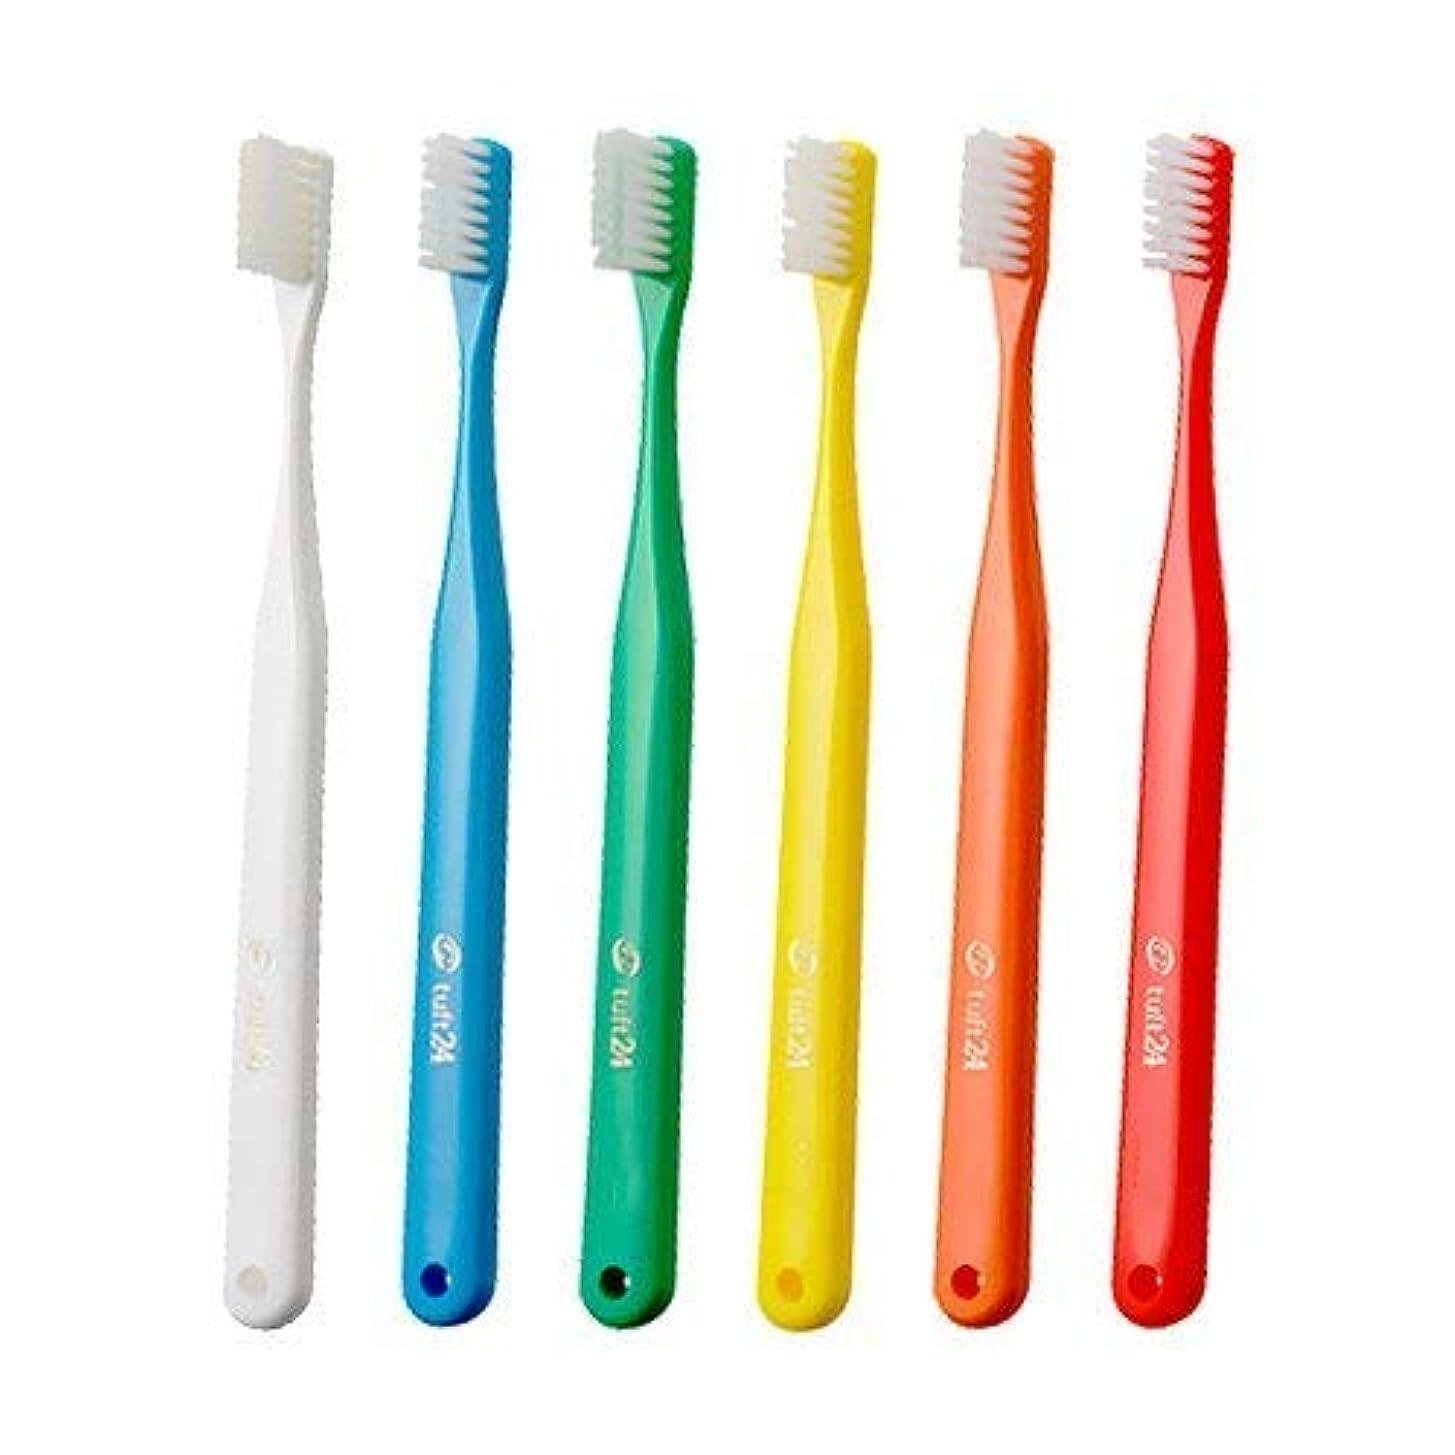 周囲スパーク版オーラルケア キャップなし タフト24 歯ブラシ × 10本 (S)